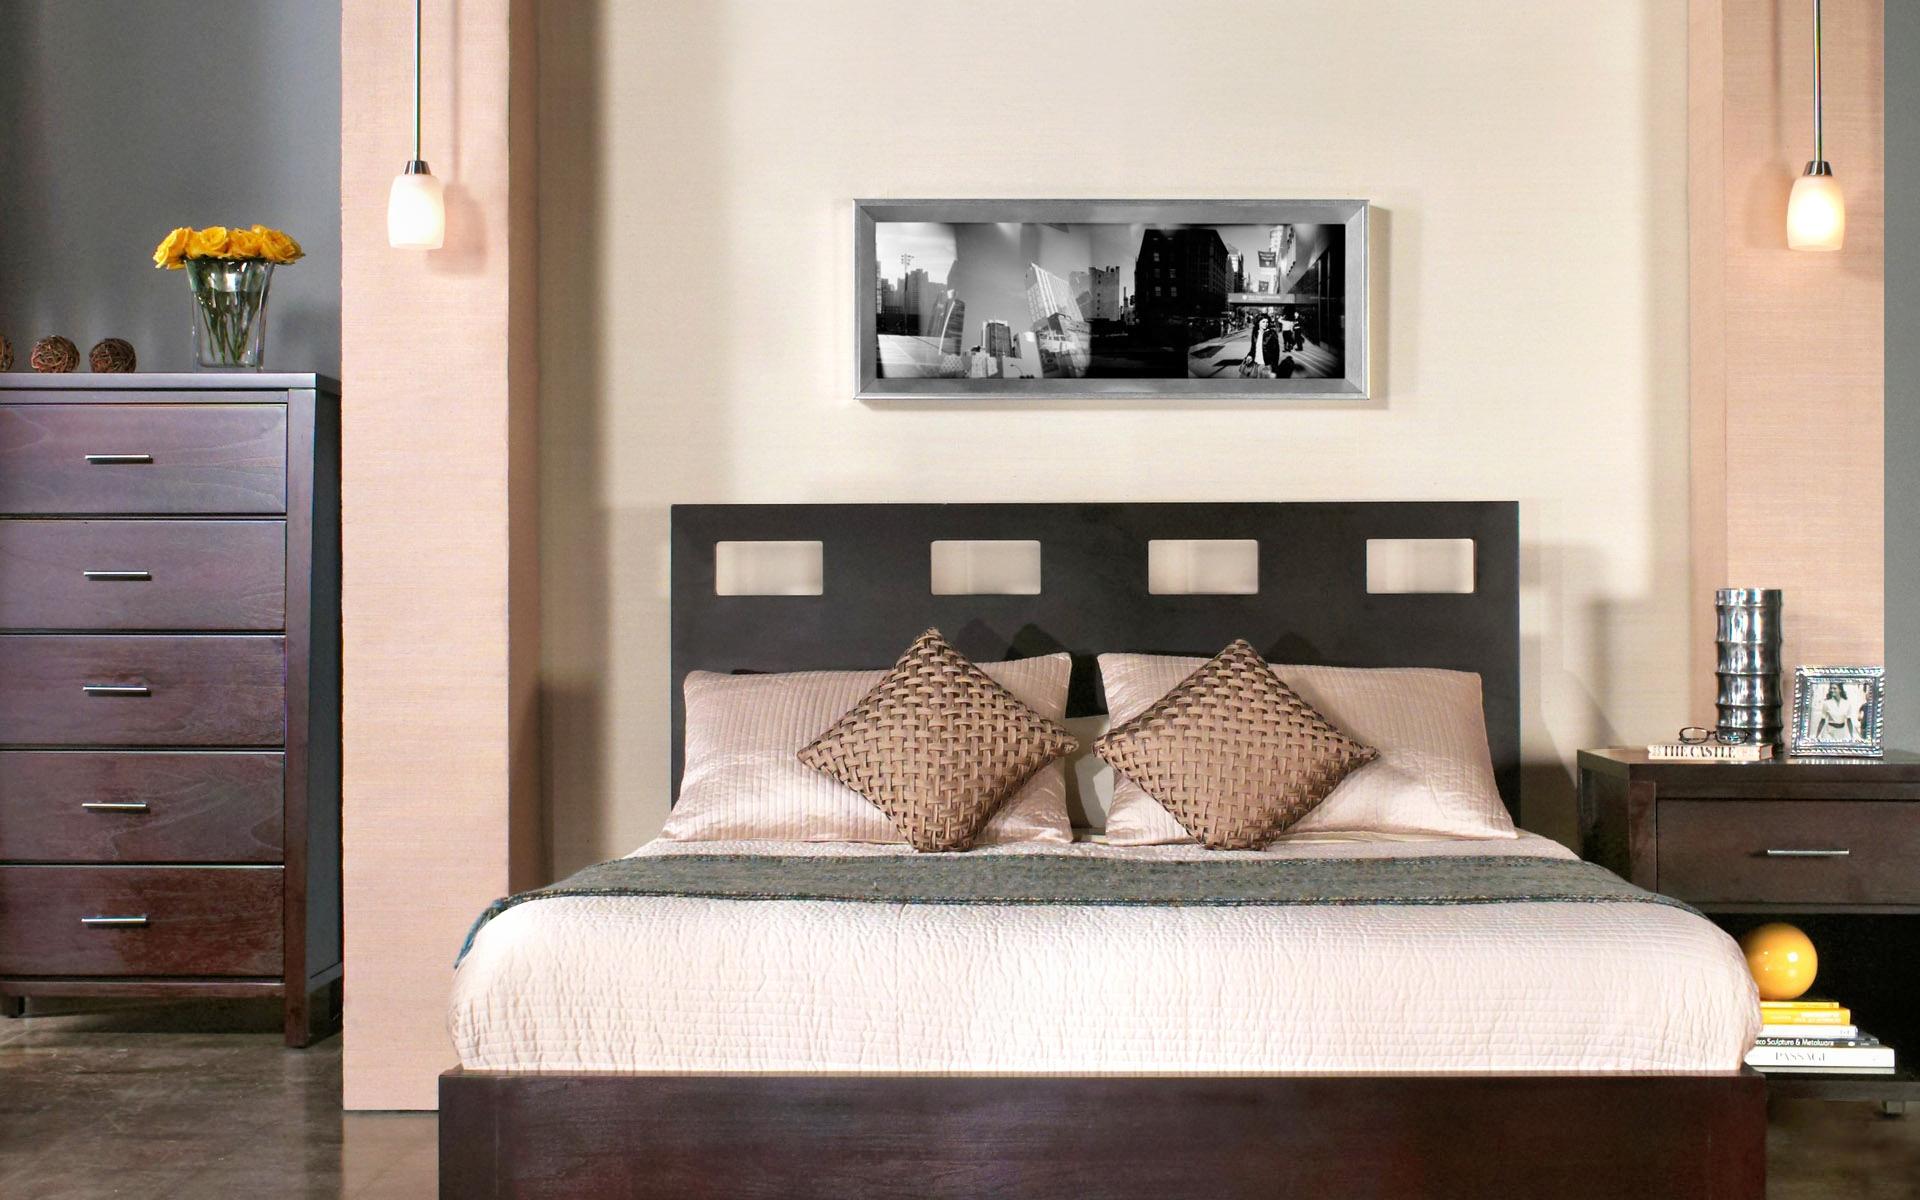 Bed Wallpaper 5 Home Ideas. Bed Wallpaper 5 Home Ideas   EnhancedHomes org